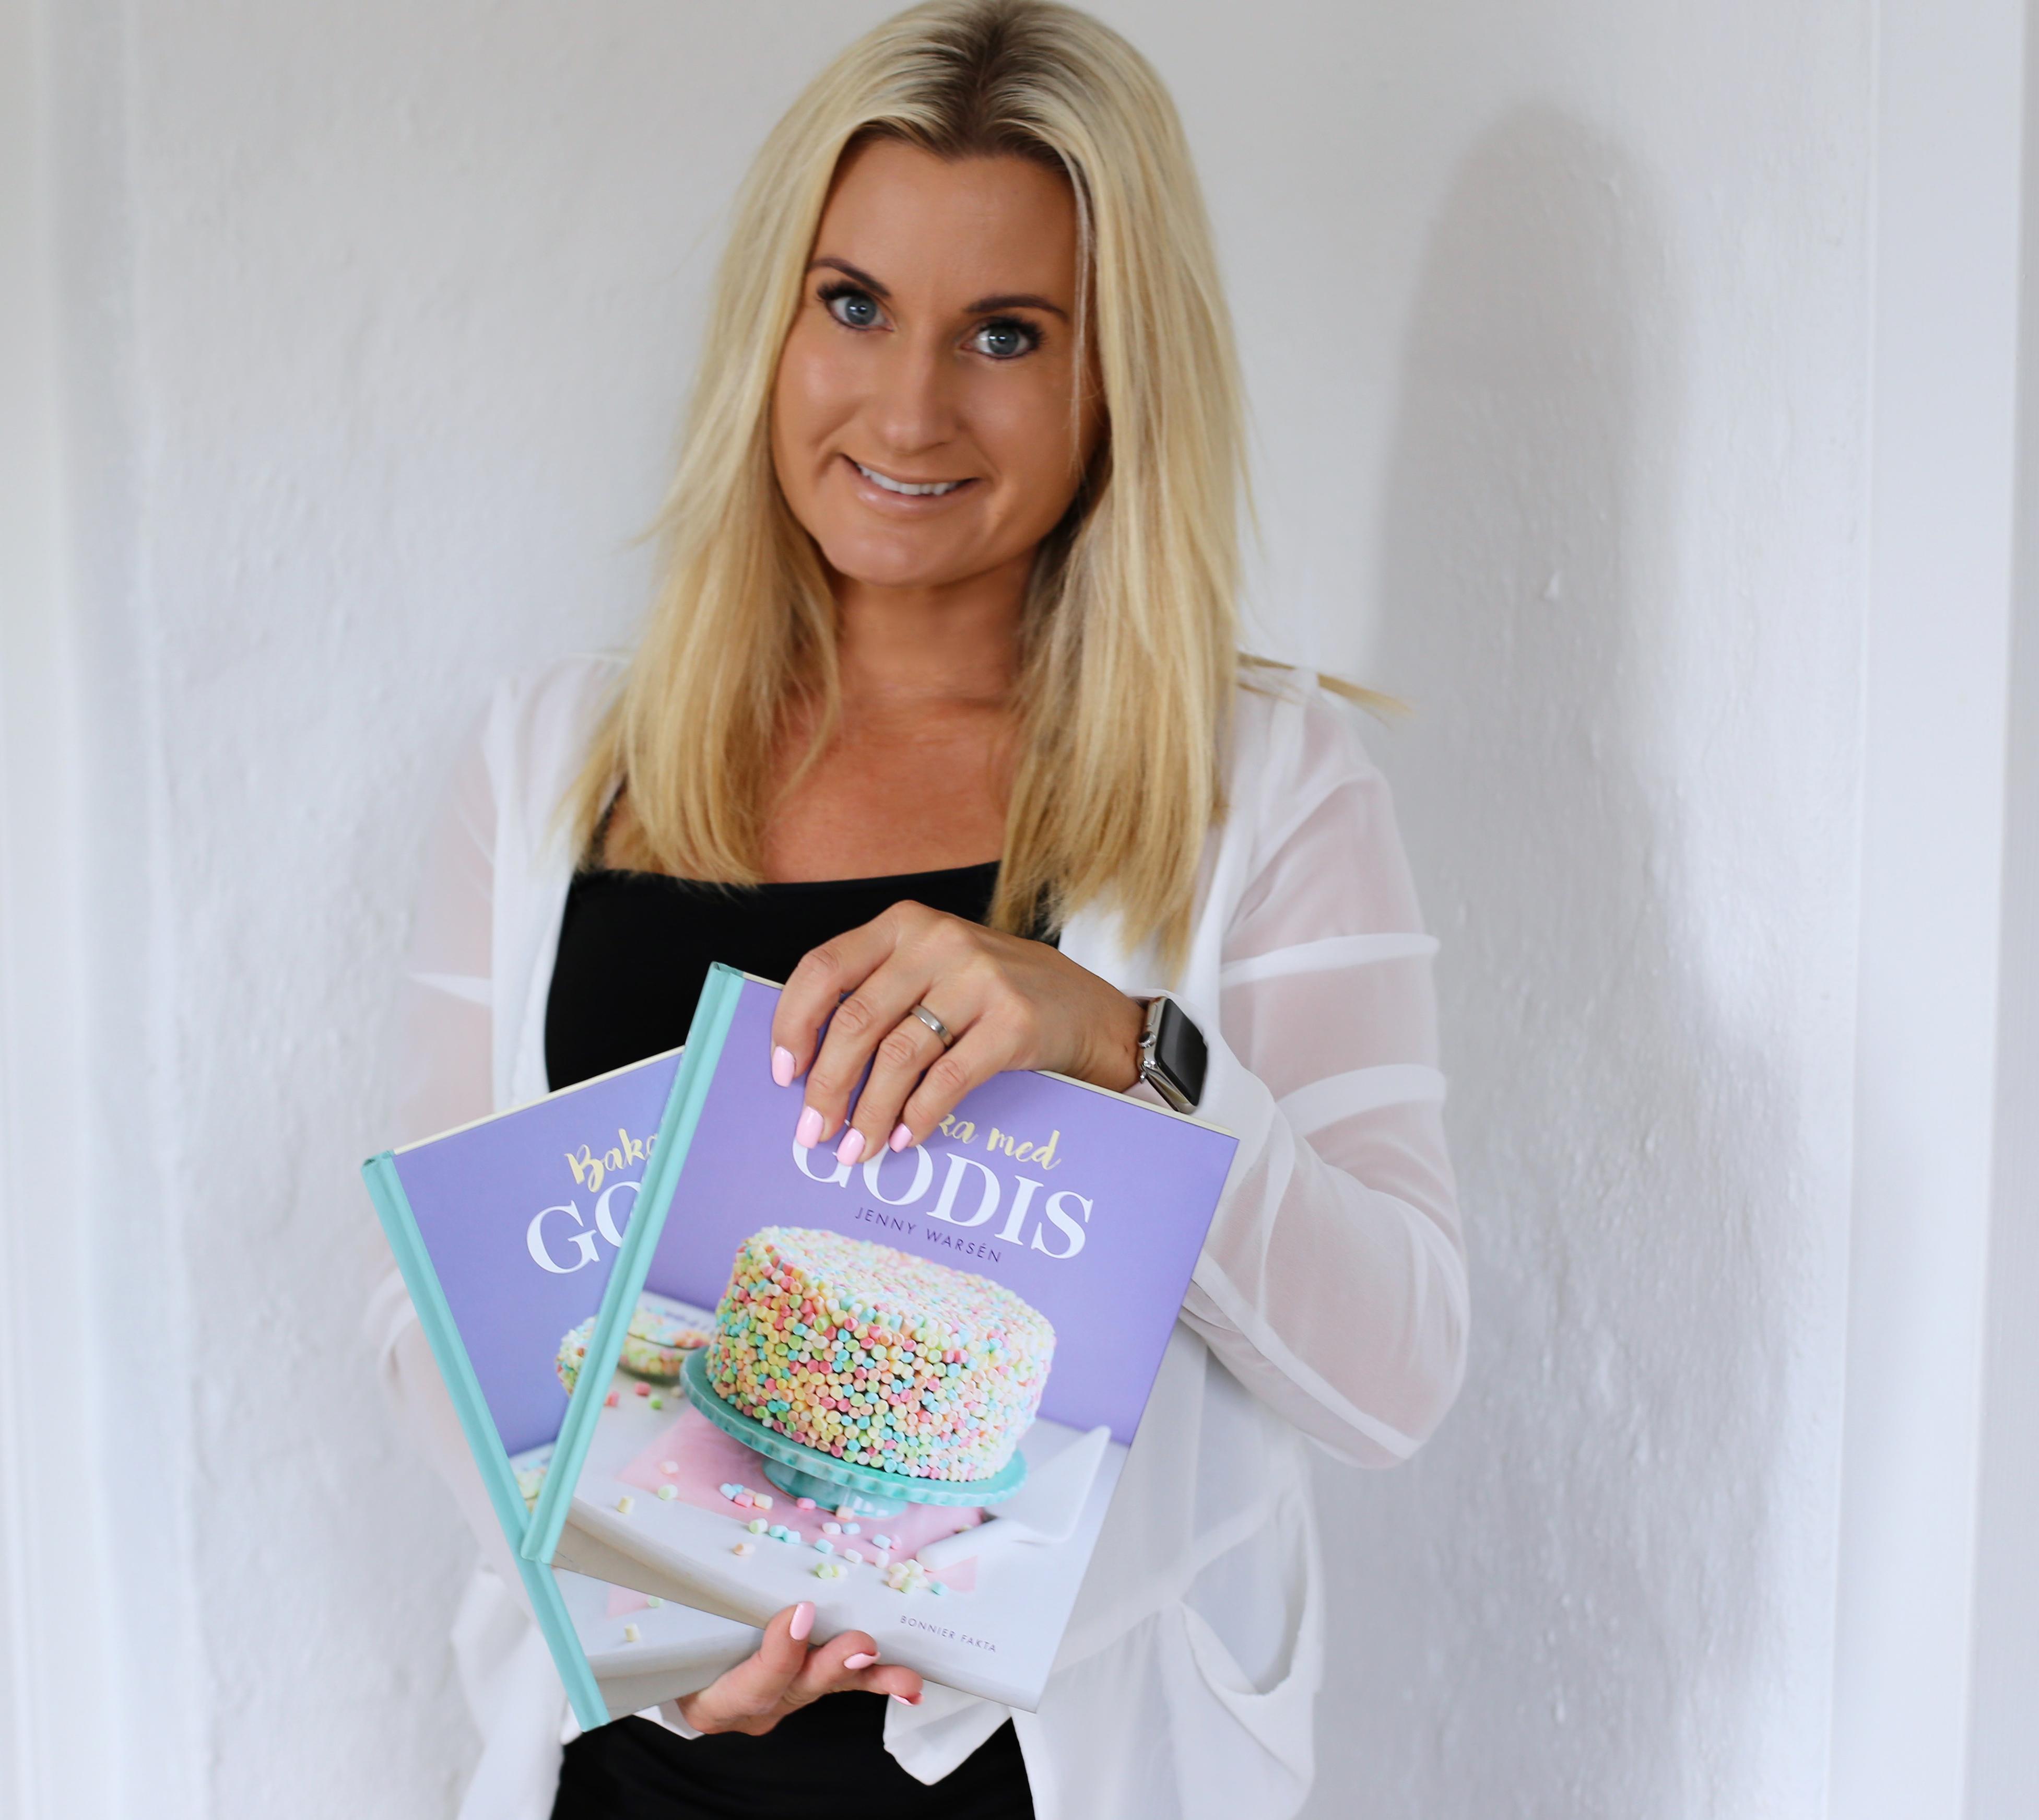 Jenny Warsen, som driver Jennys Matblogg, håller två exemplar av sin bok Baka med godis